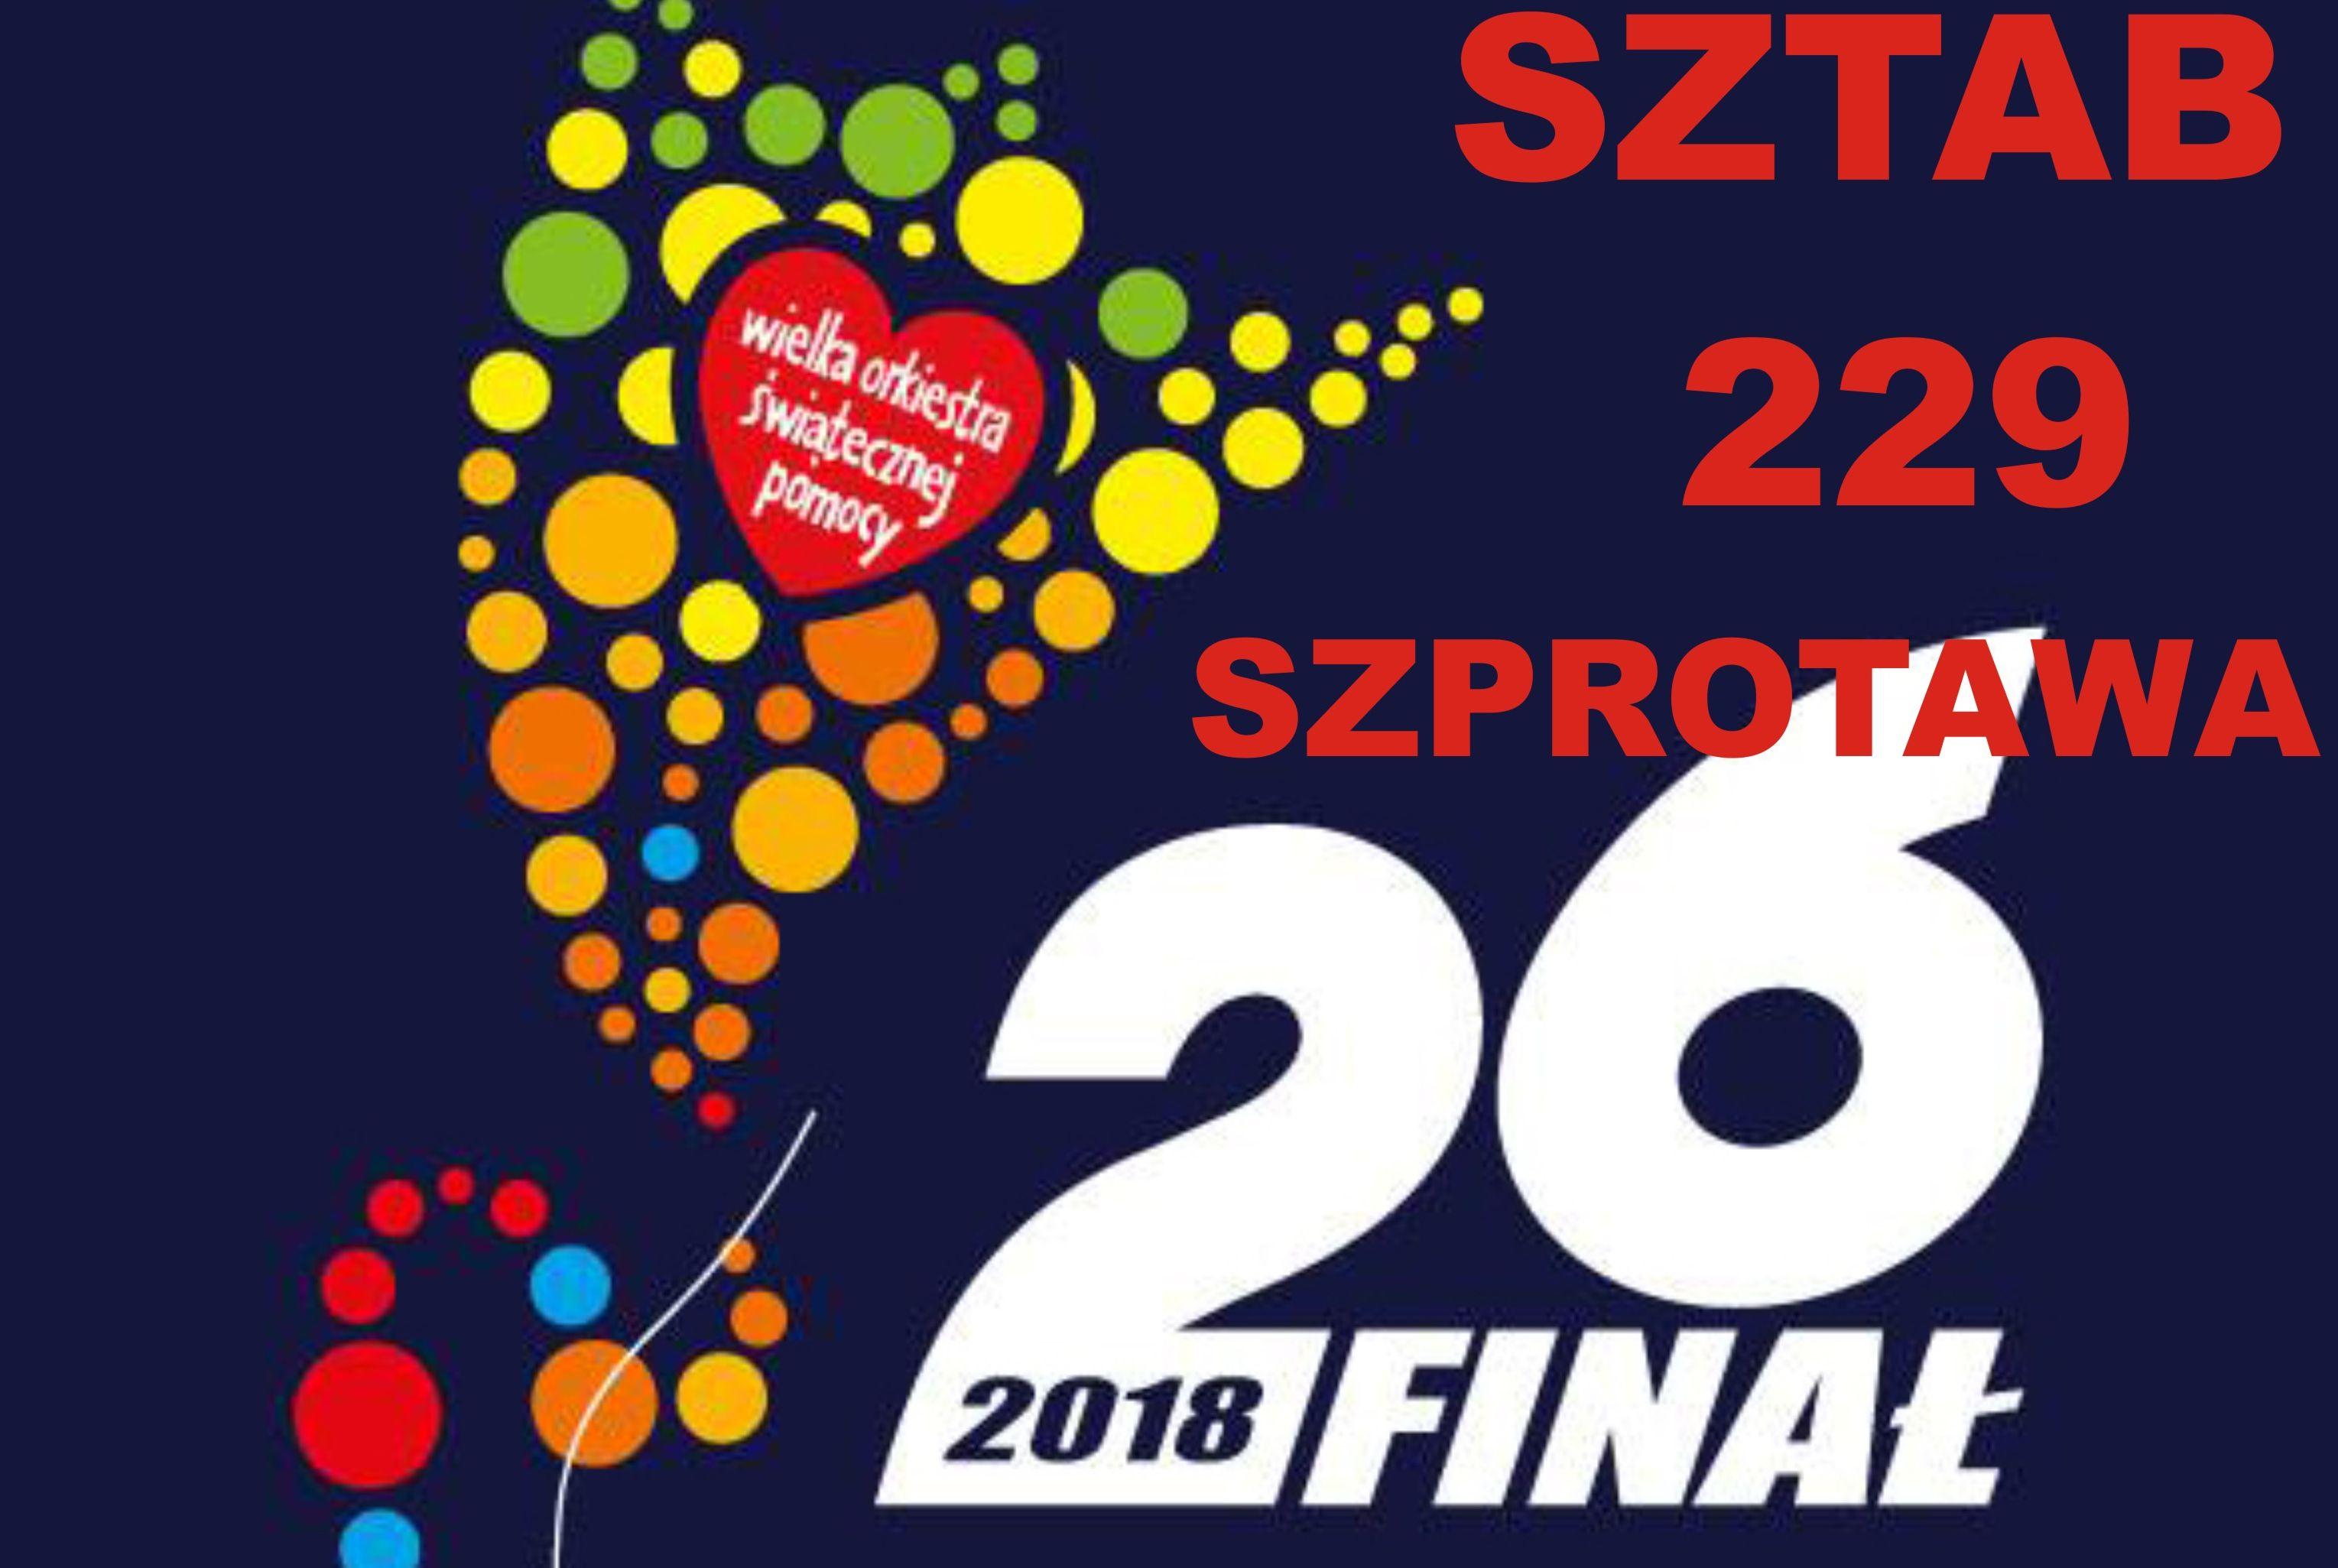 Ilustracja do informacji: Koncerty i imprezy towarzyszące 26. Finałowi WOŚP - Sztab 229 Szprotawa